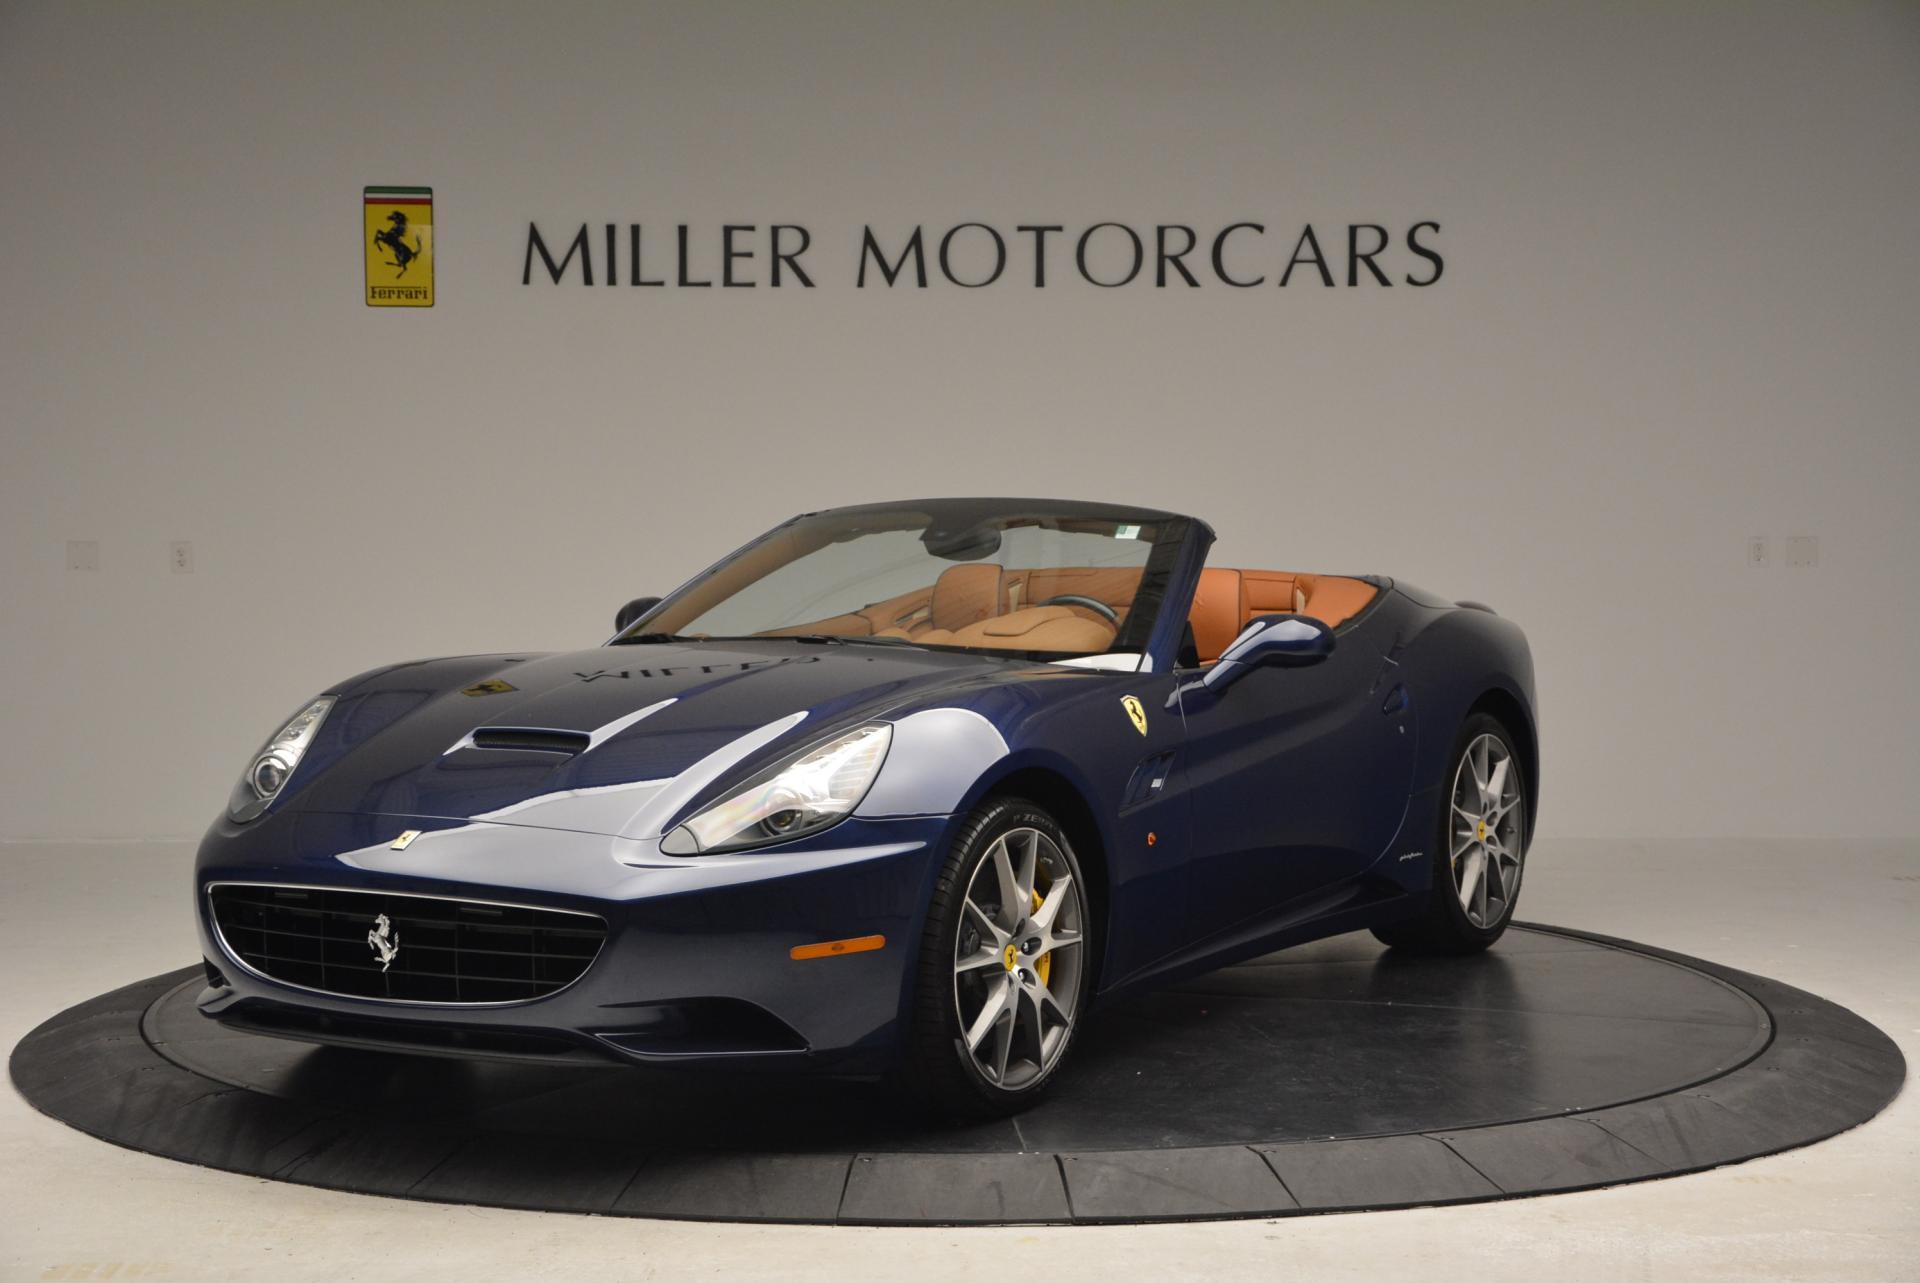 Used 2010 Ferrari California for sale Sold at Maserati of Westport in Westport CT 06880 1